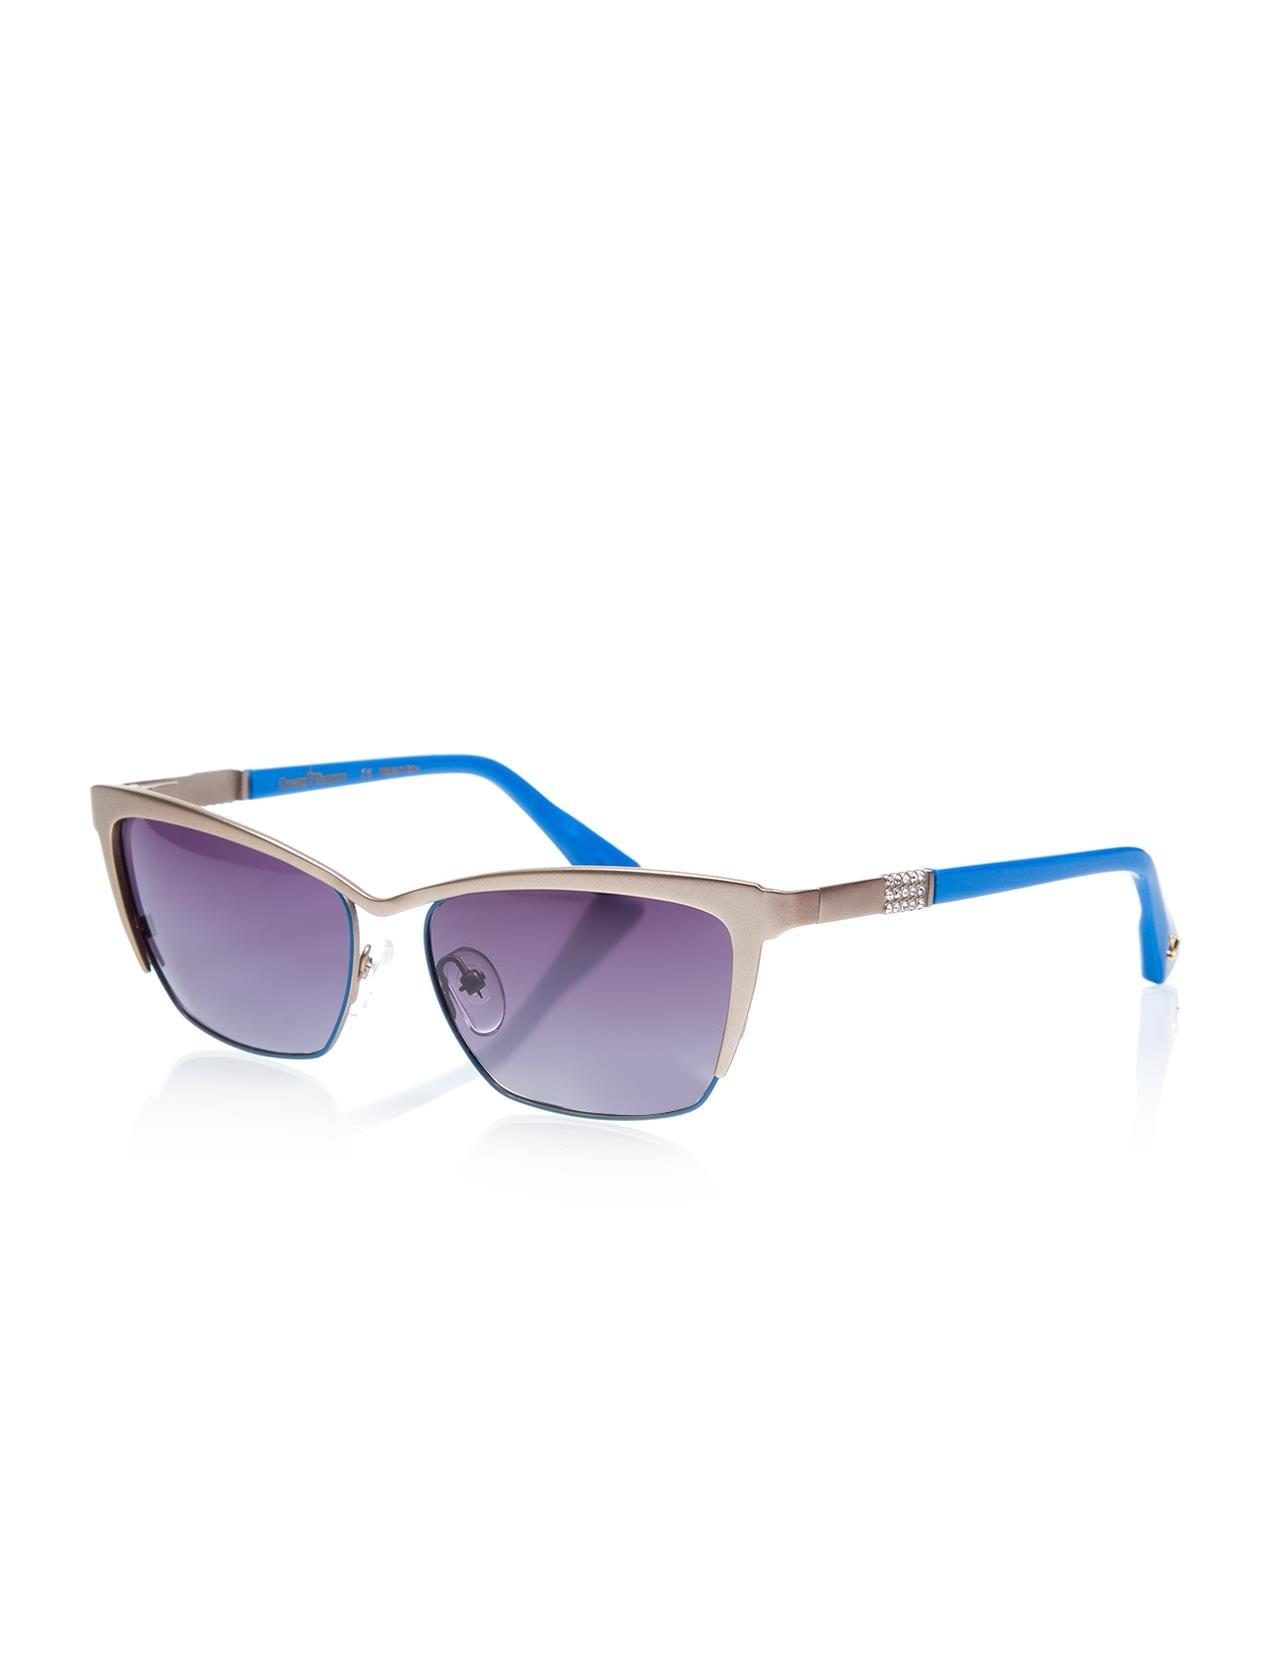 Women's sunglasses cp 186 02 metal blue unspecified 54-cesare paciotti